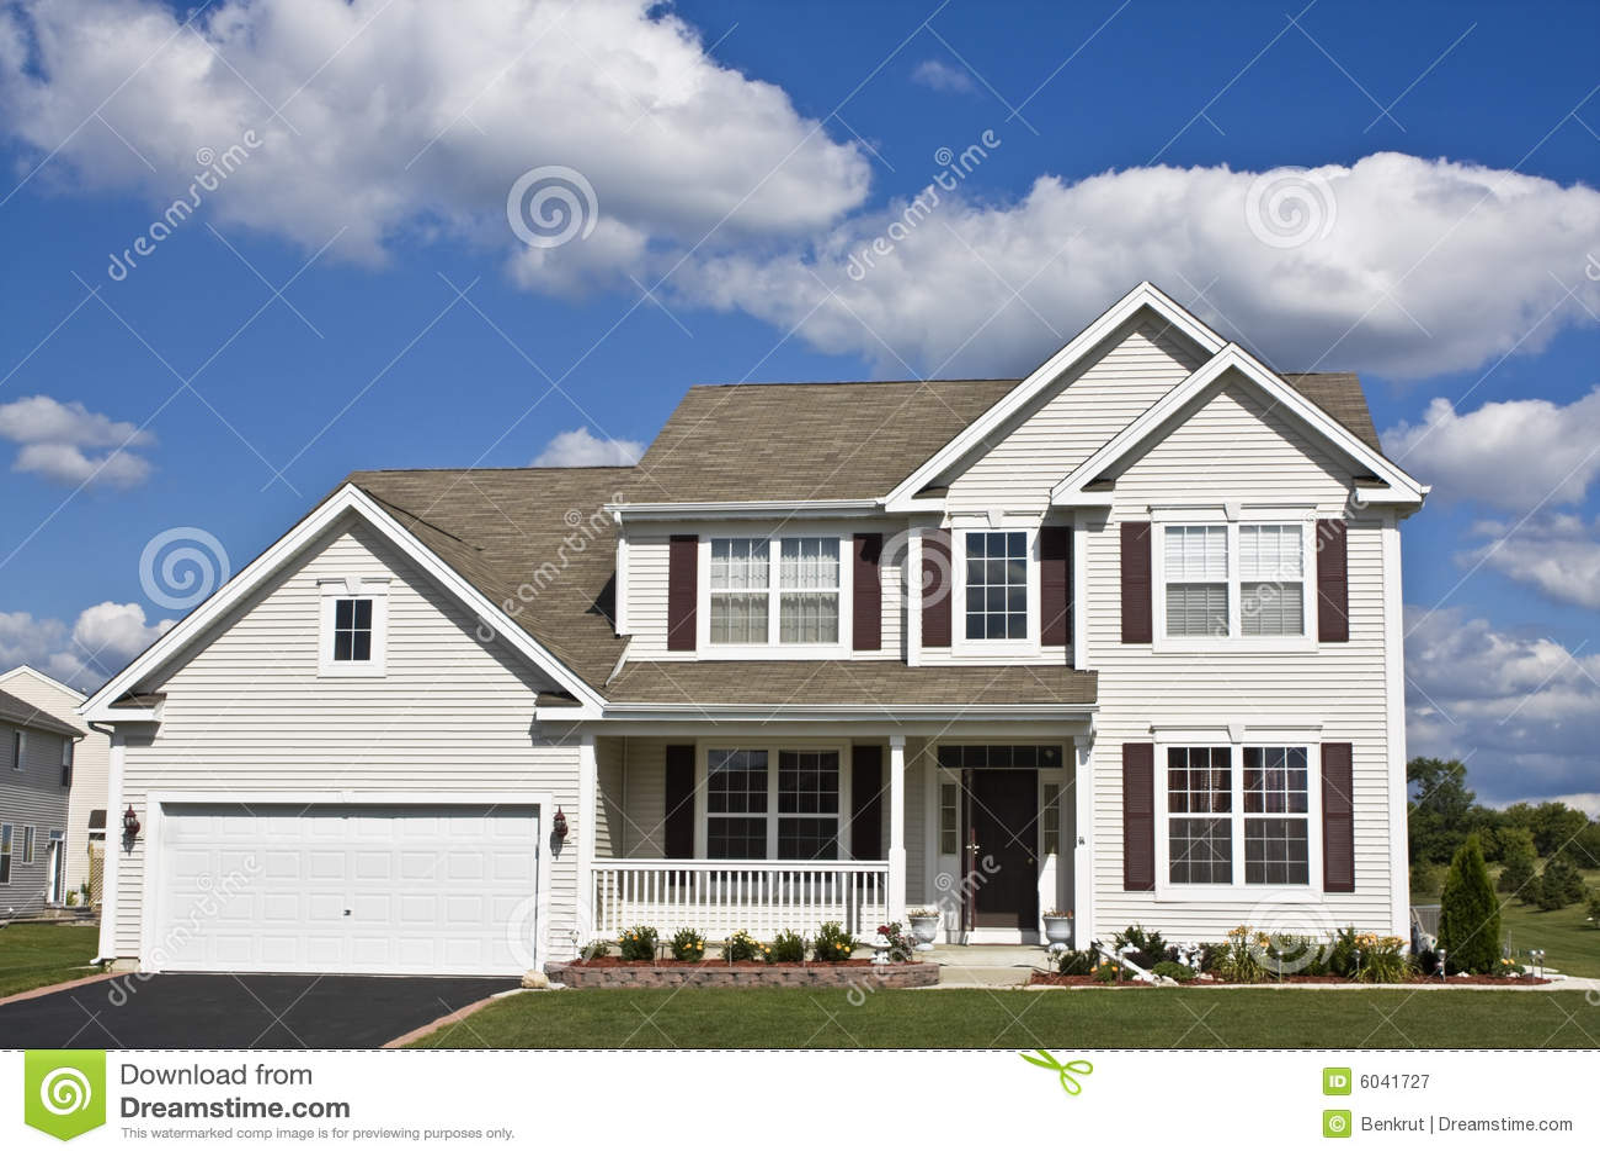 suburban house 6041727